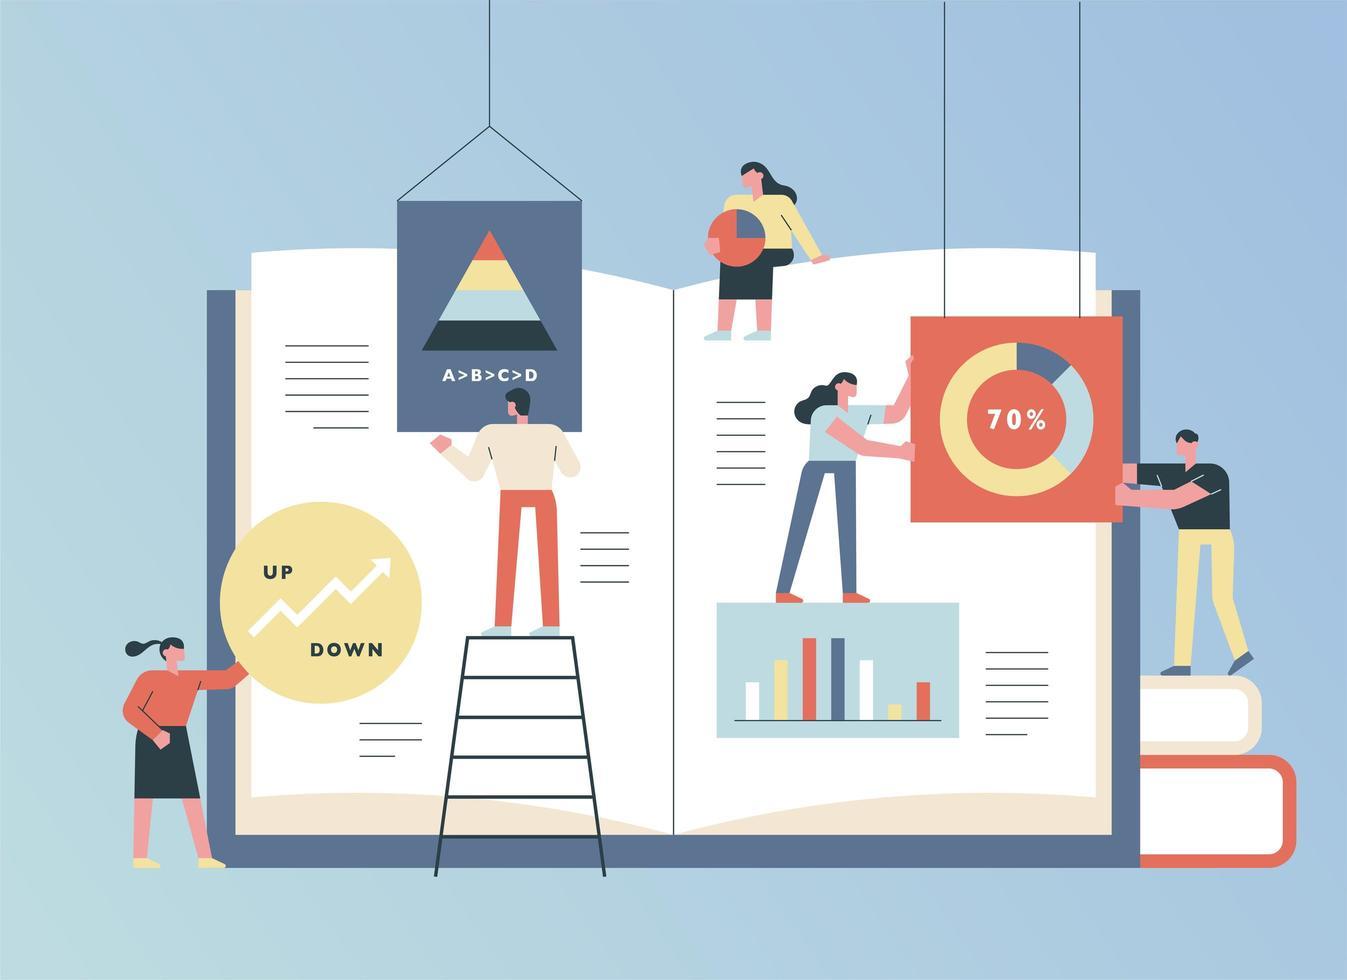 livro enorme e empresários vetor